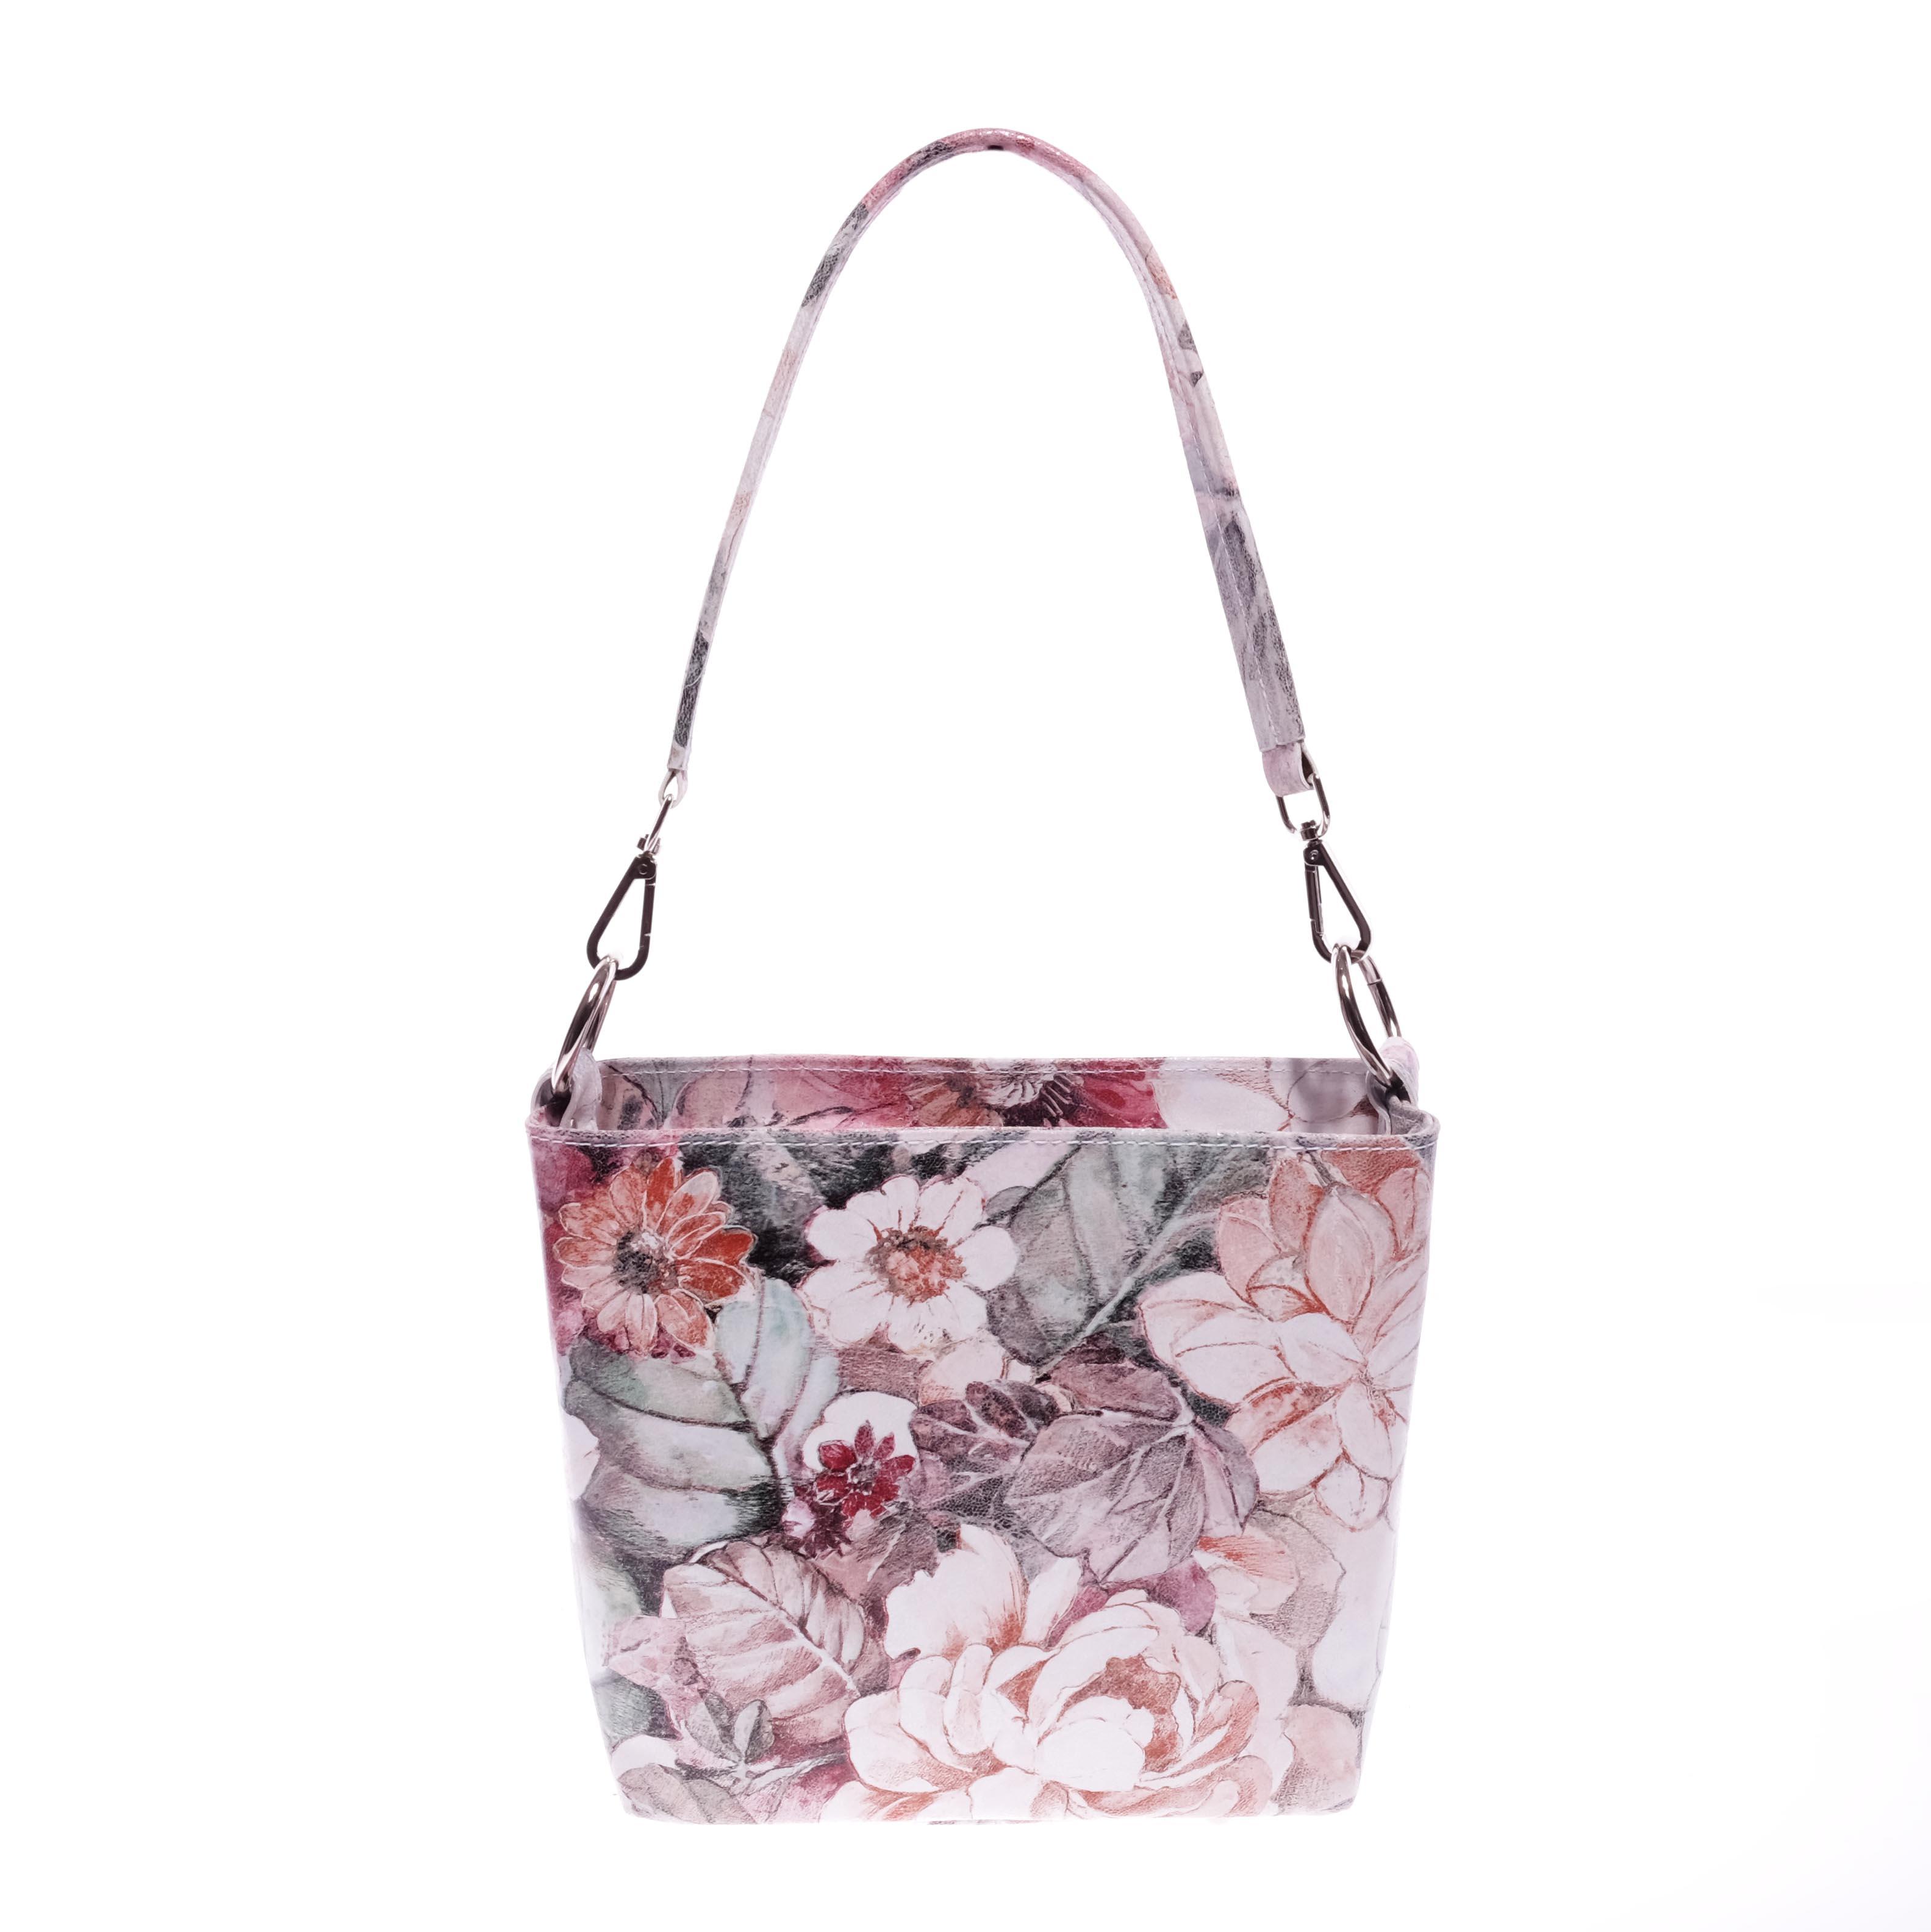 Besty Valódi Bőr Virágmintás Válltáska - Válltáskák - Táska webáruház - Minőségi  táskák mindenkinek 18bbefa954